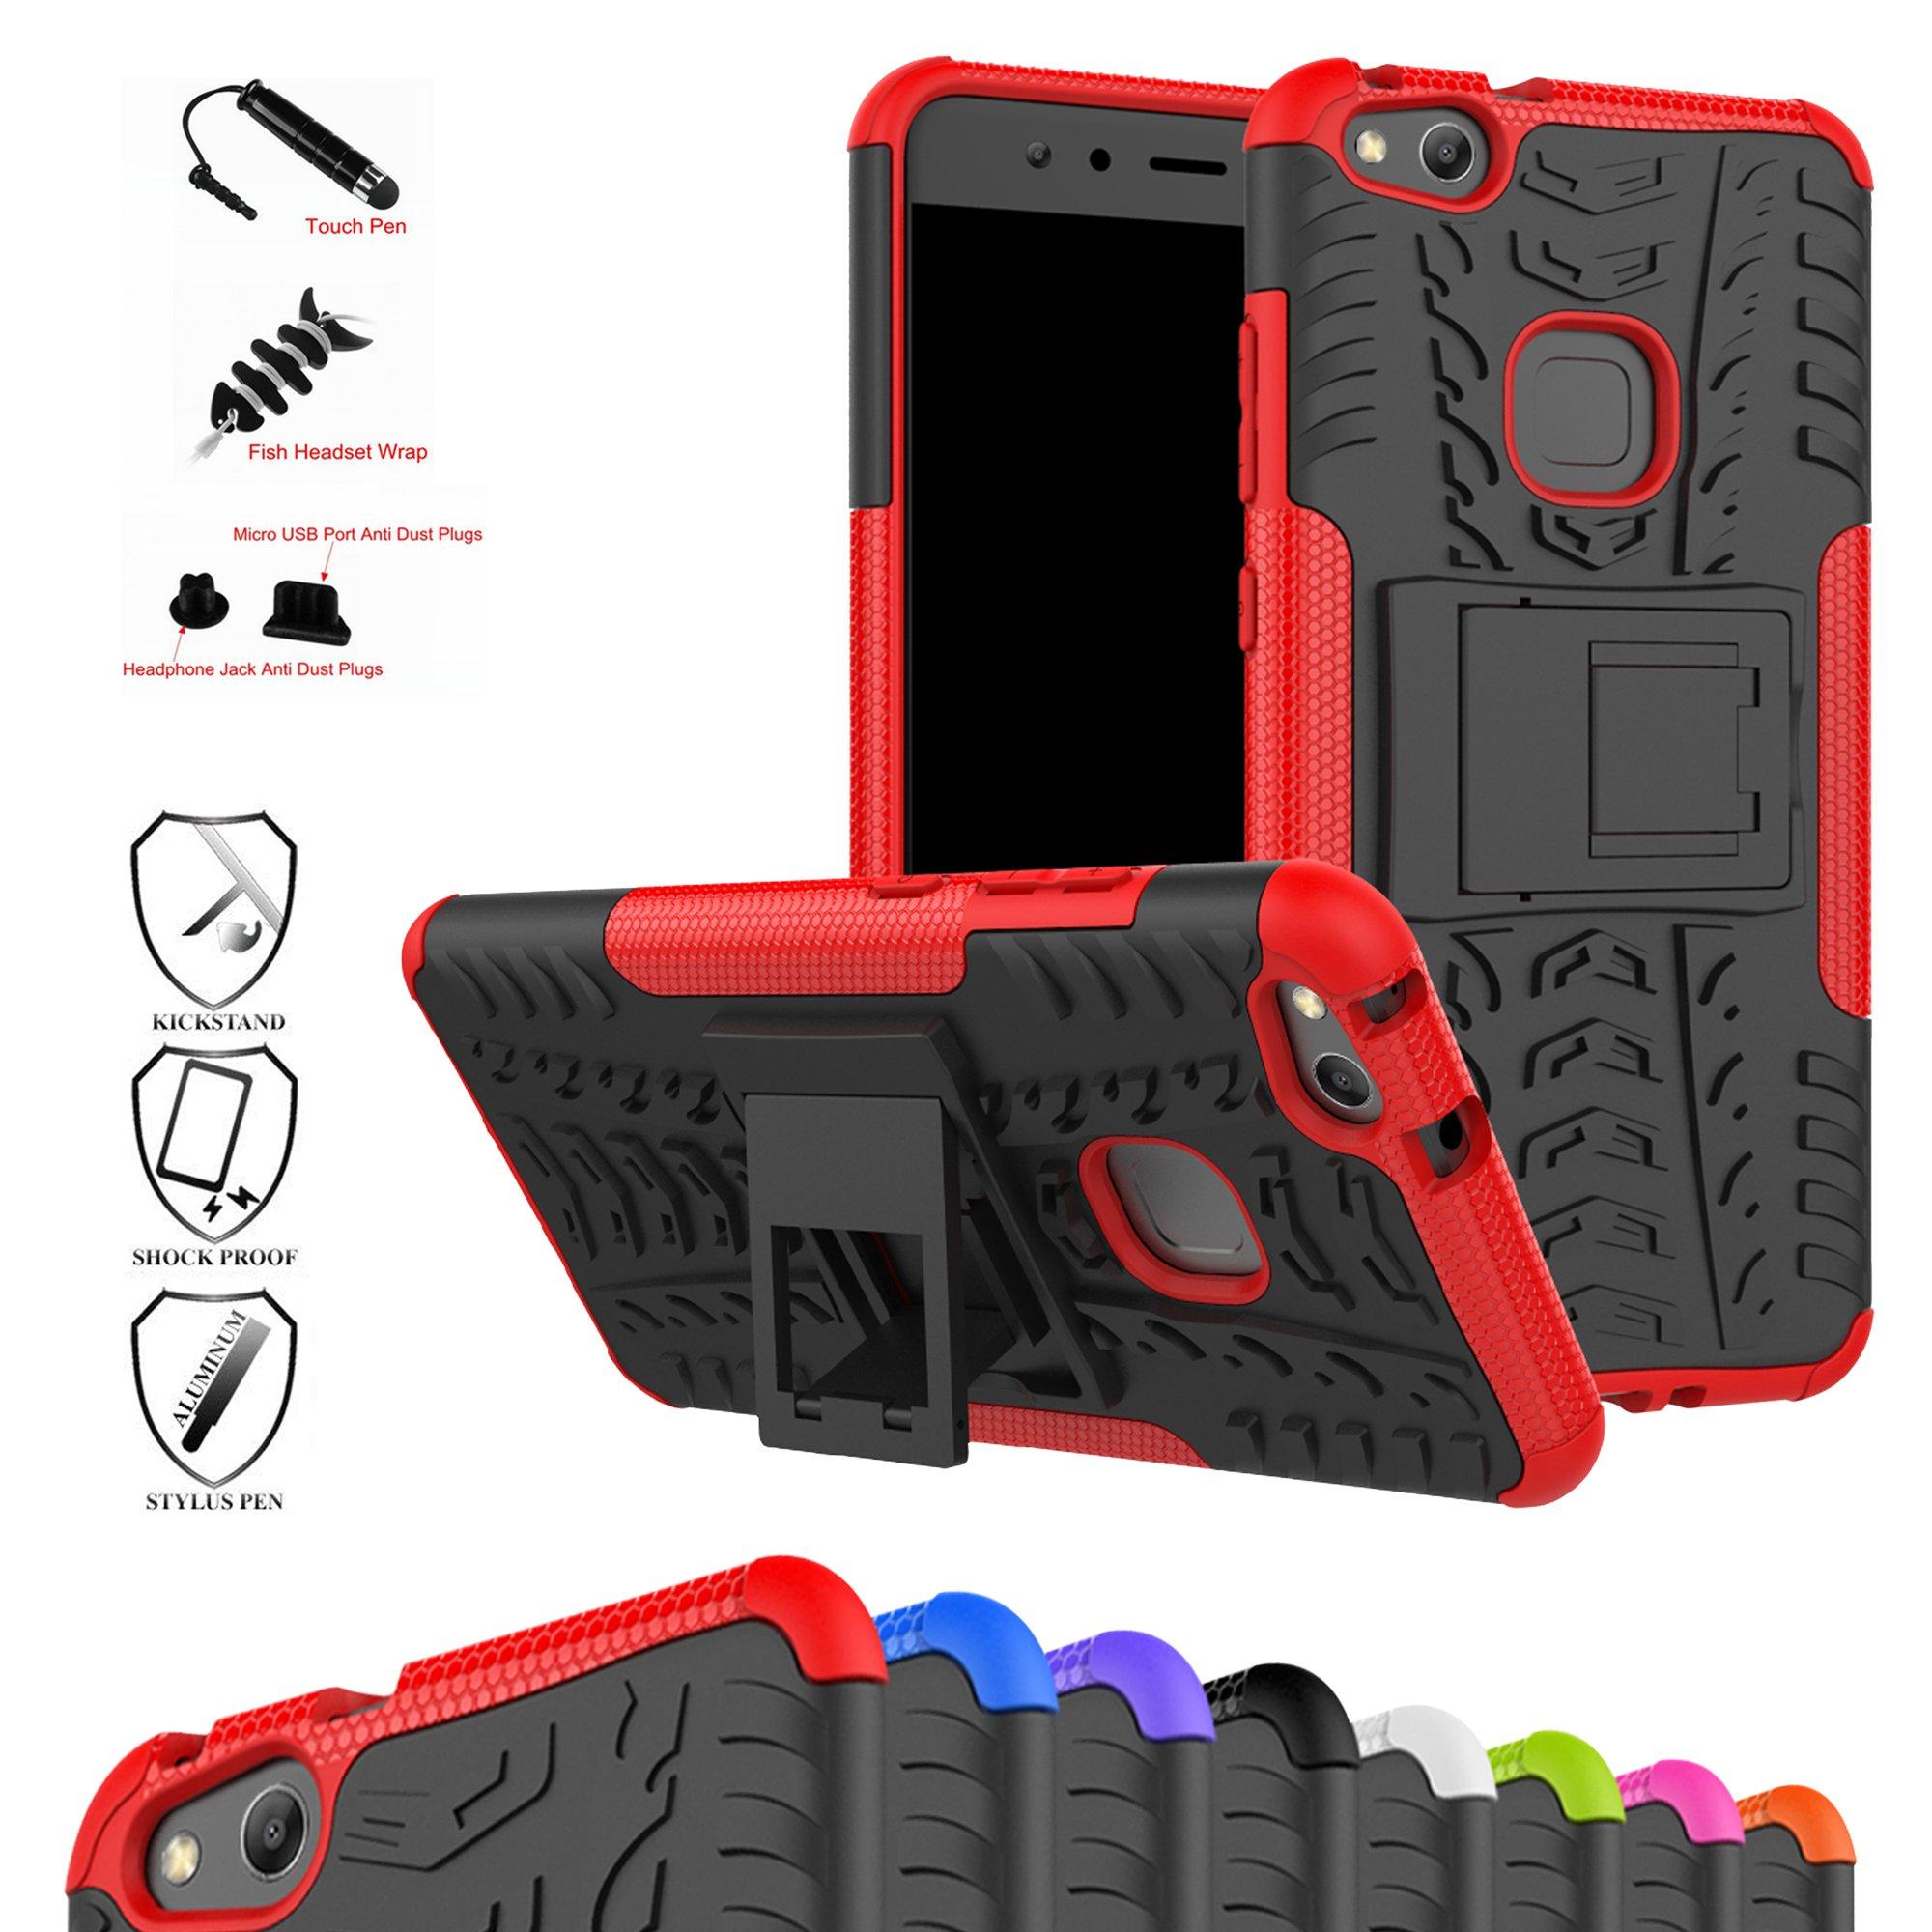 MAMA MOUTH Huawei P10 Lite Funda, Heavy Duty Silicona híbrida con Soporte Cáscara de Cubierta Protectora de Doble Capa Funda Caso para Huawei P10 Lite Smartphone,Rojo: Amazon.es: Electrónica